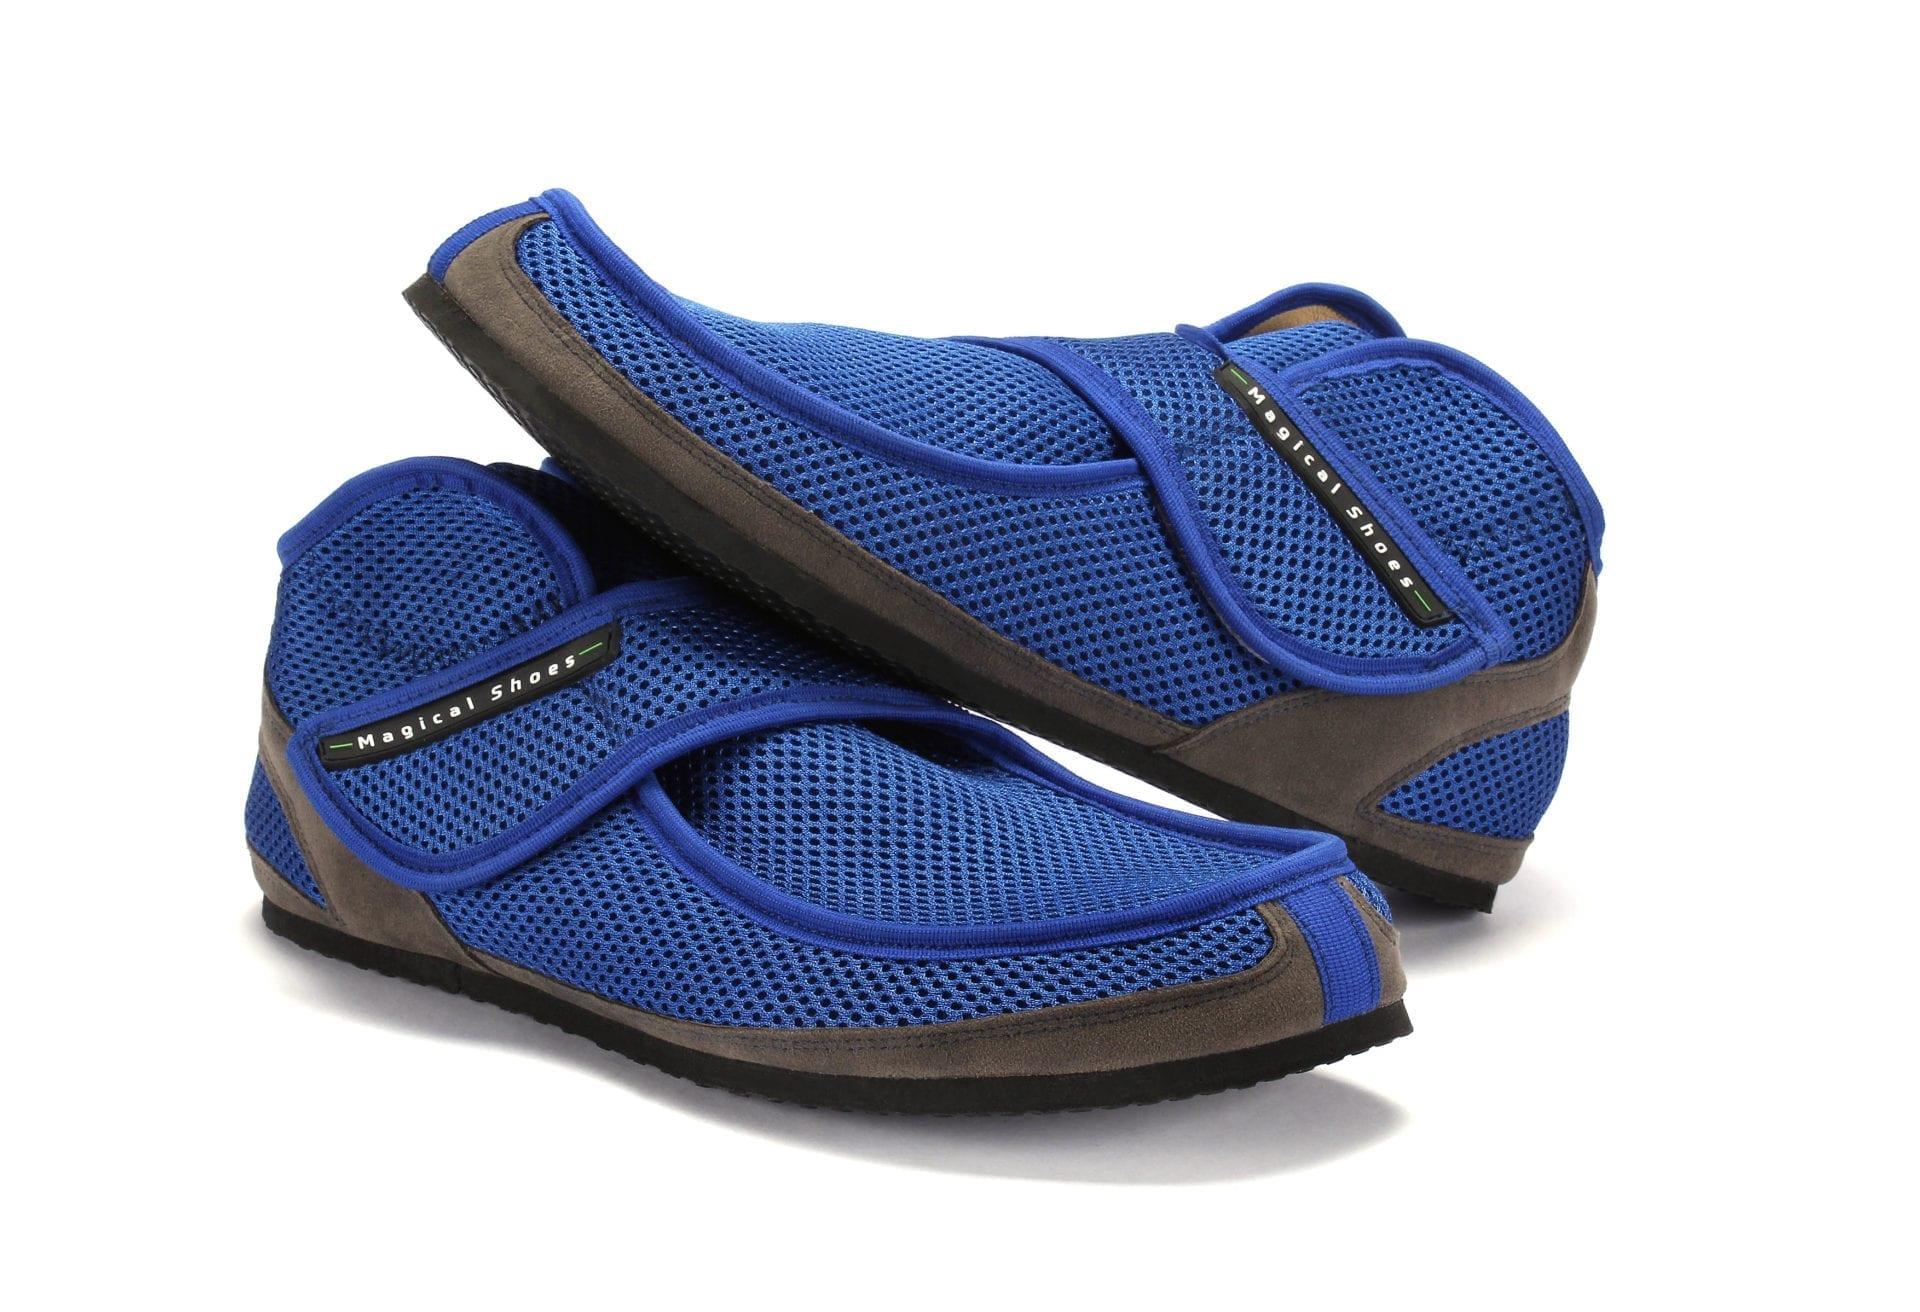 paměťová pěna pohodlné boty se suchým zipem prodyšné lehké boty boty pro nemocné nohy zdravé nohy široké boty